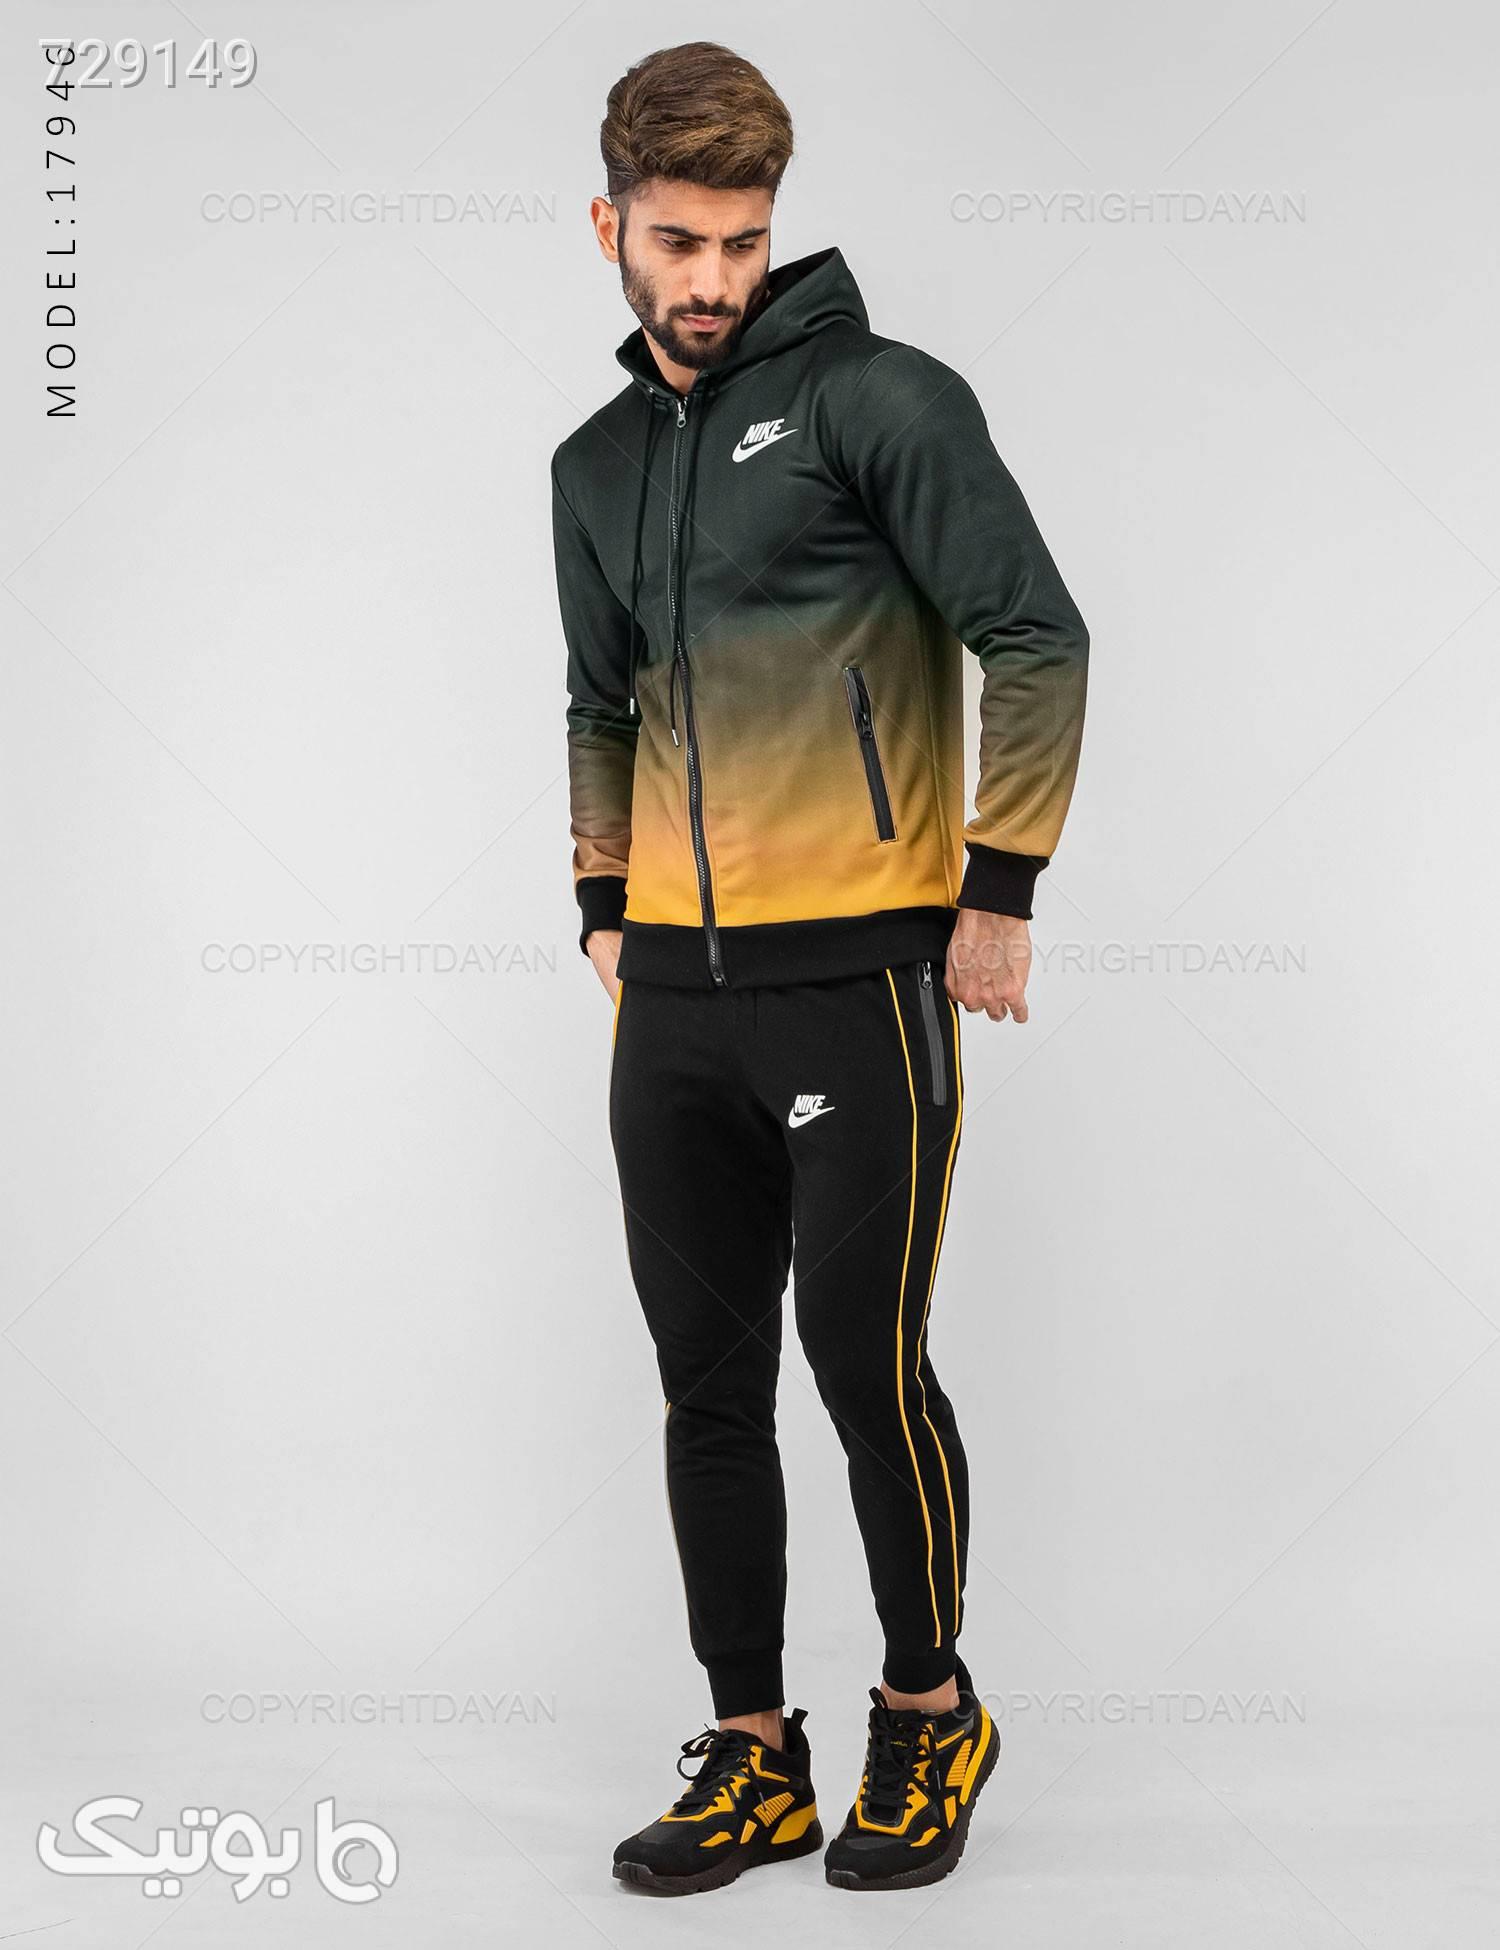 ست سویشرت و شلوار مردانه Nike مدل 17946 مشکی ست ورزشی مردانه